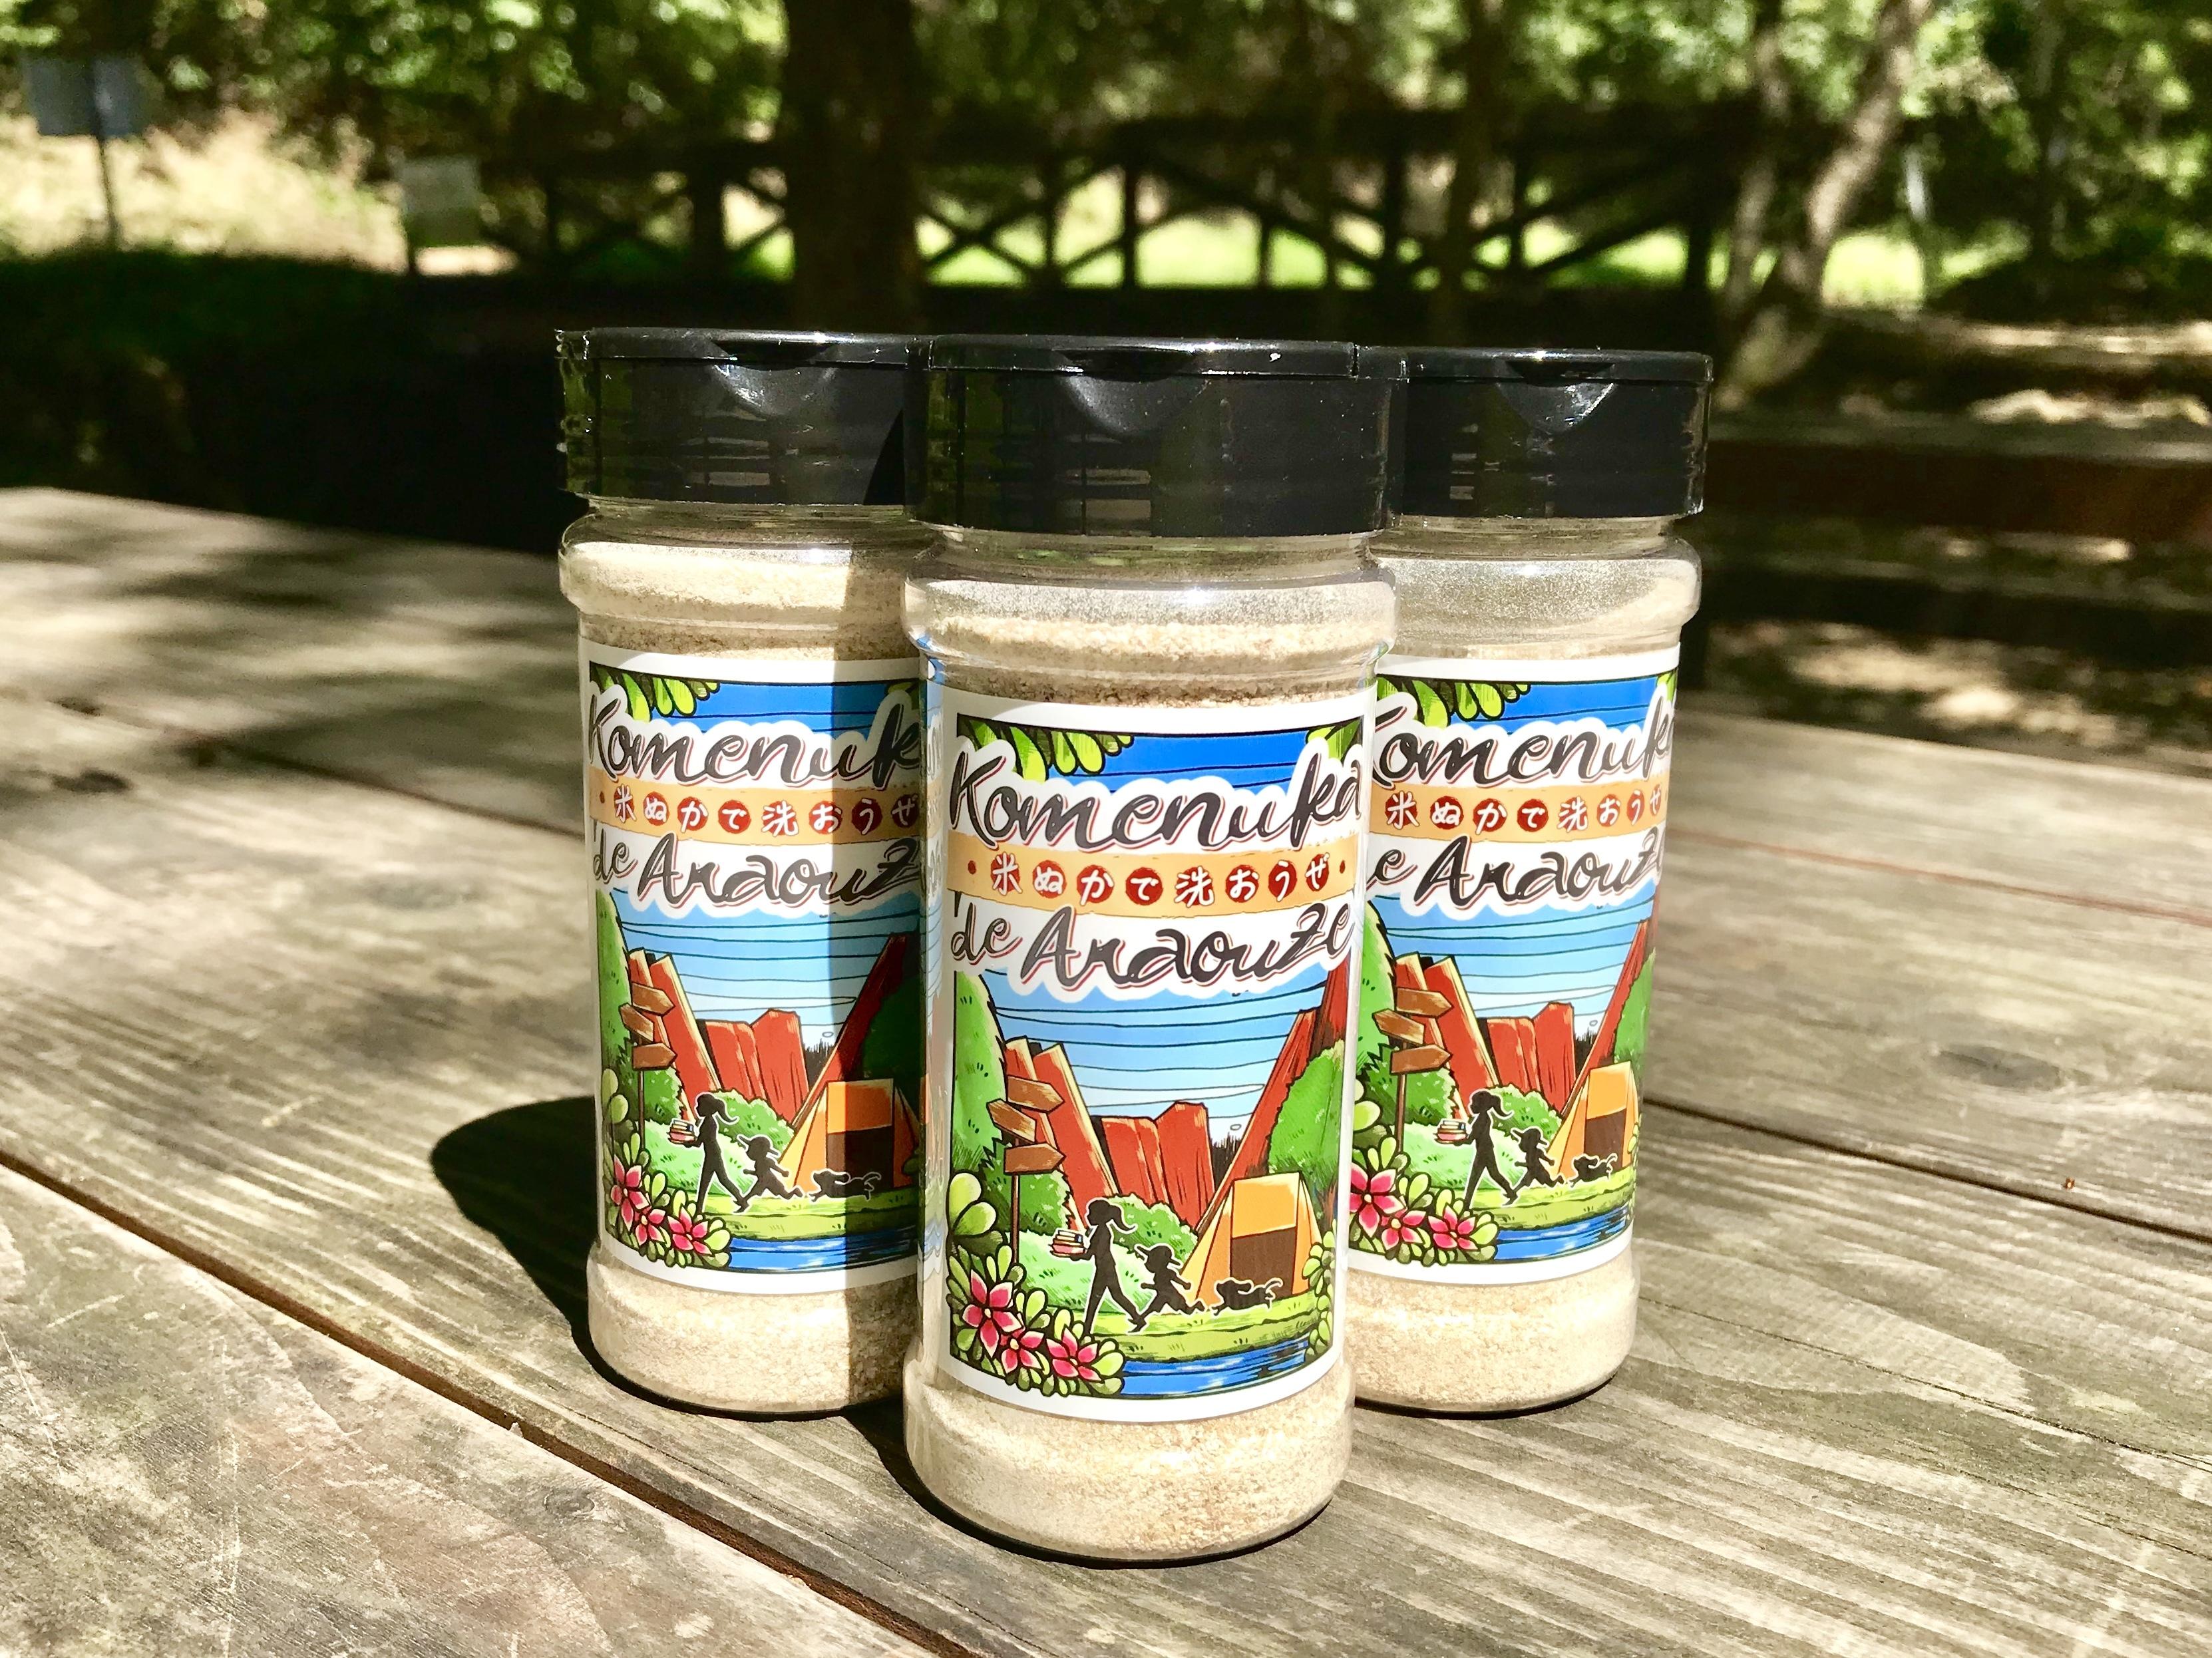 米ぬかで洗おうぜ 3個セット 無添加 キャンプ用 米ぬか粉末洗剤